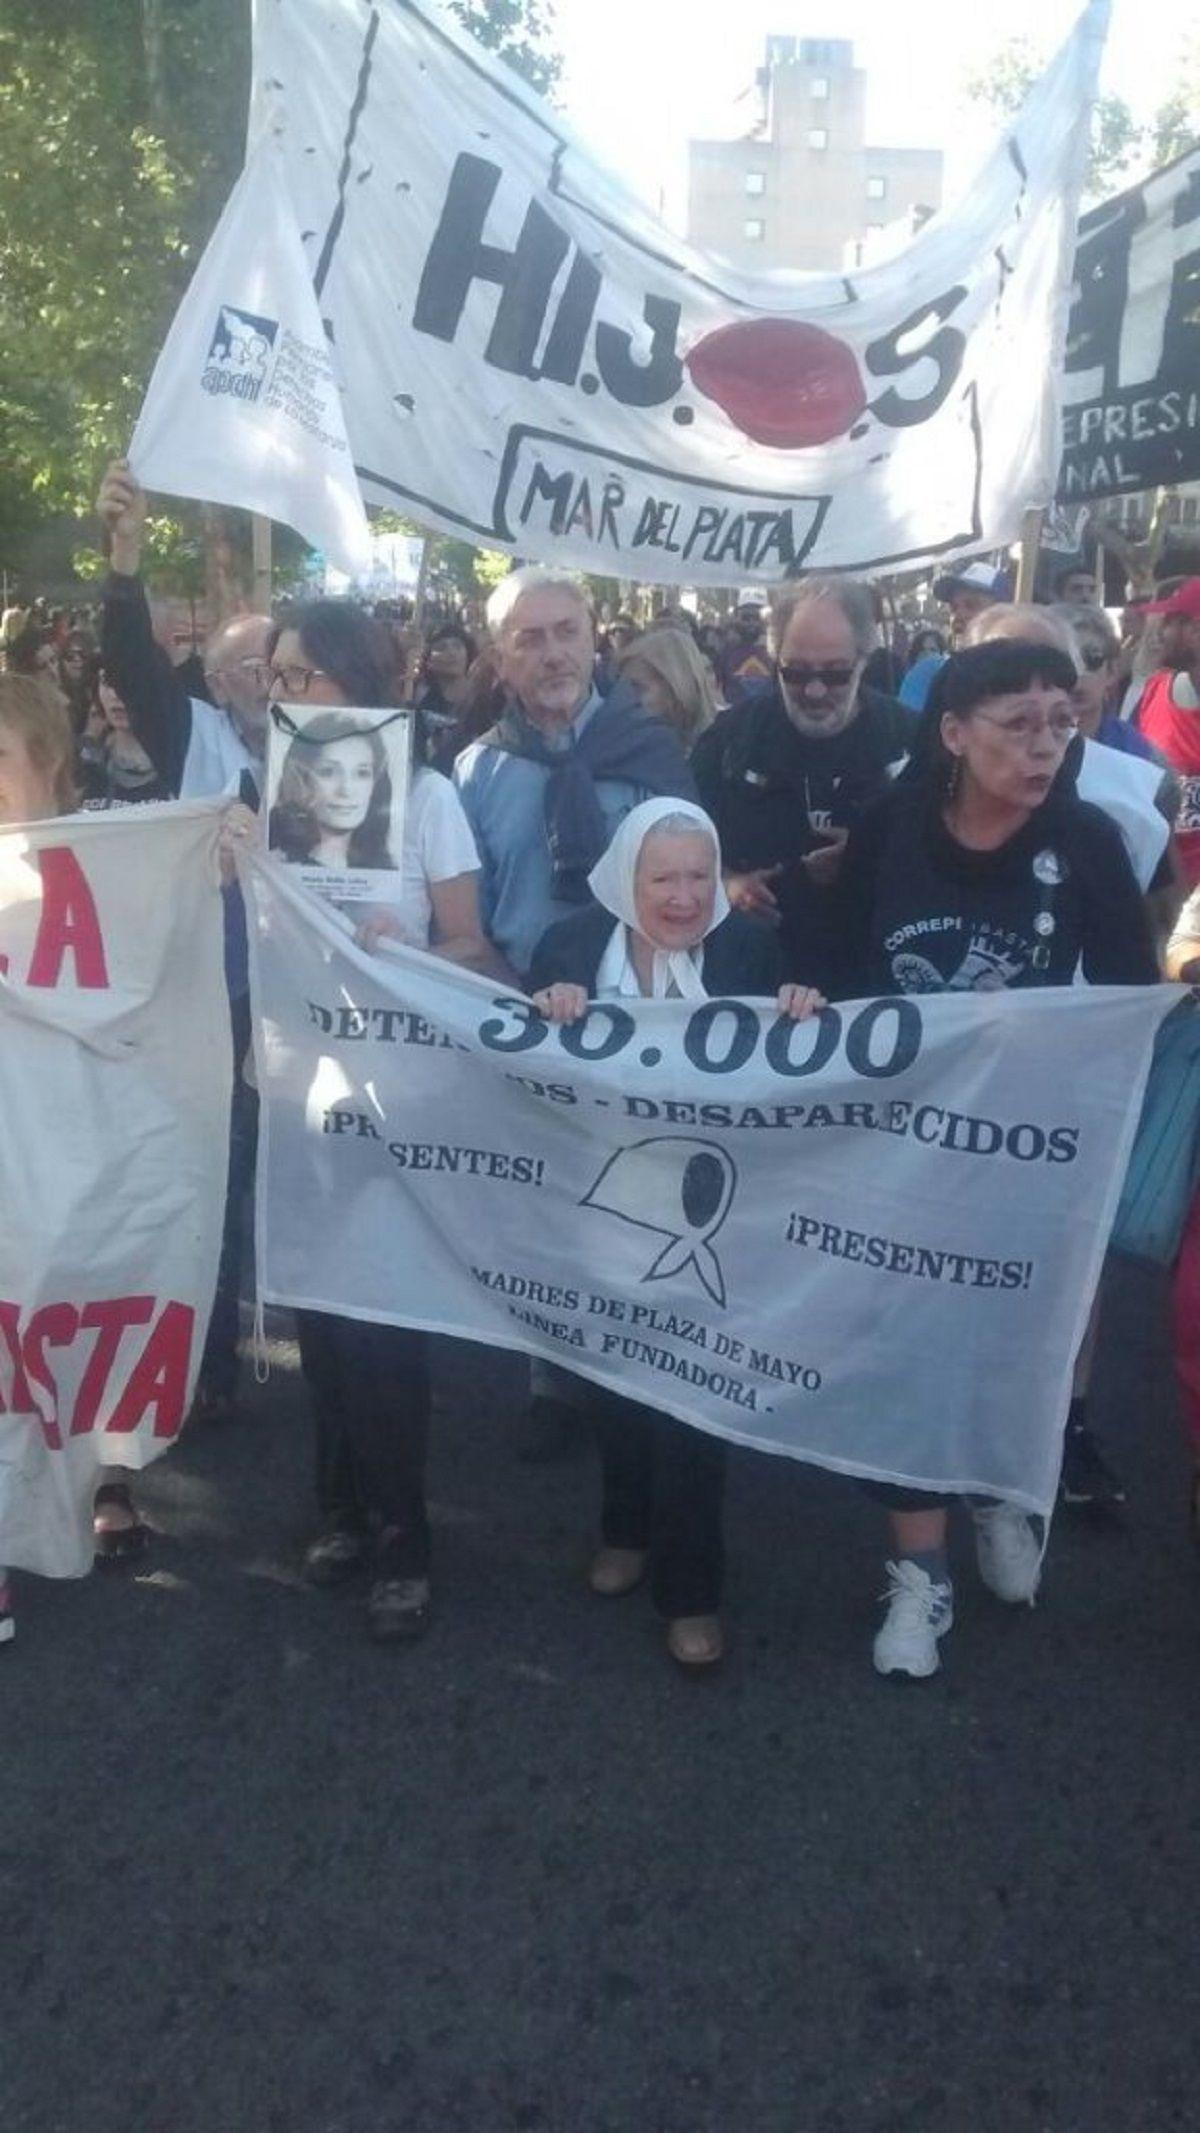 Marcha contra Etchecolatz en Mar del Plata - Crédito: @ChinoHeberling